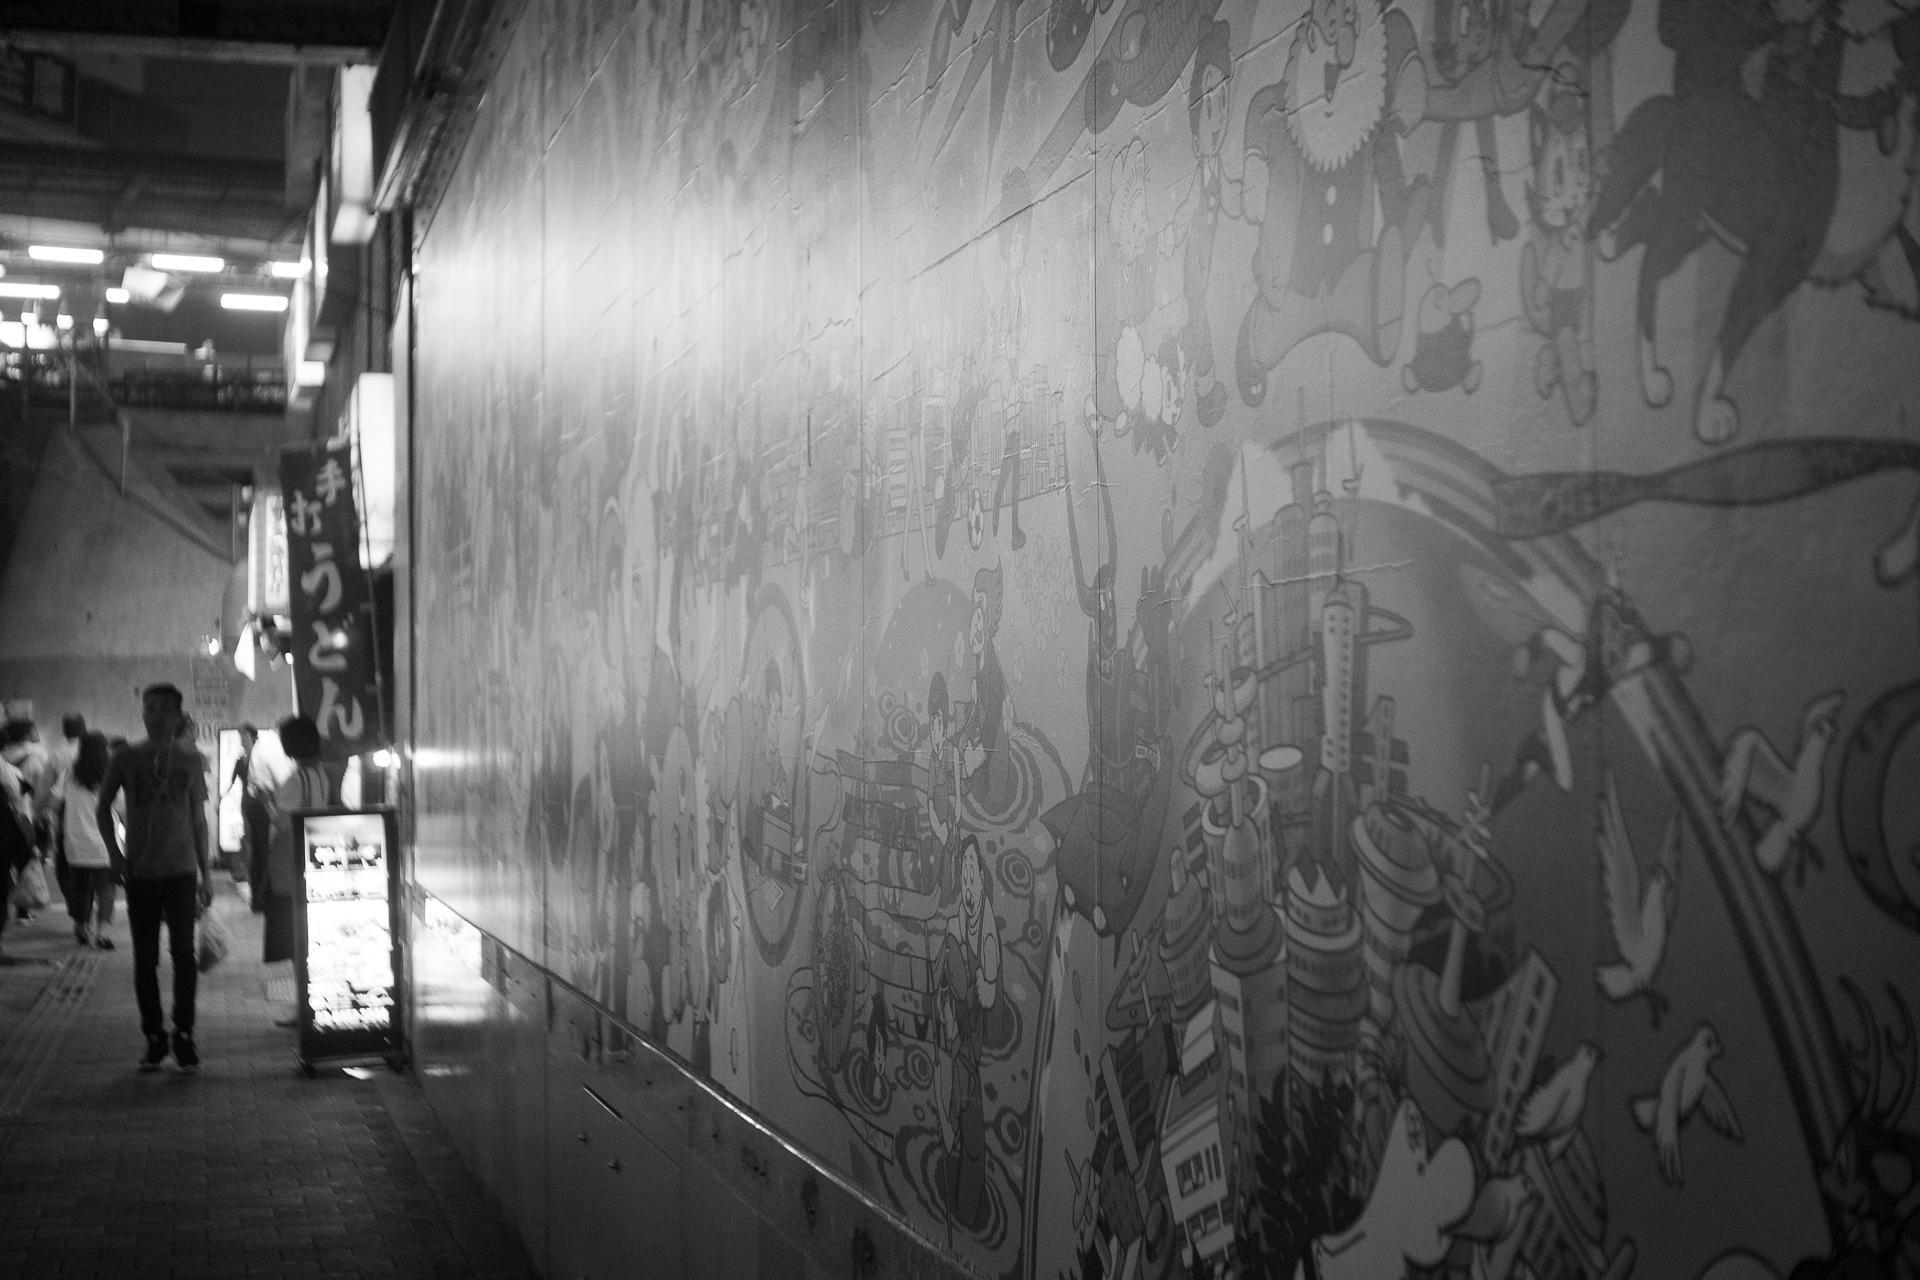 高田馬場 壁 SONY α7ⅱ, Industar-50 5cm F3.5